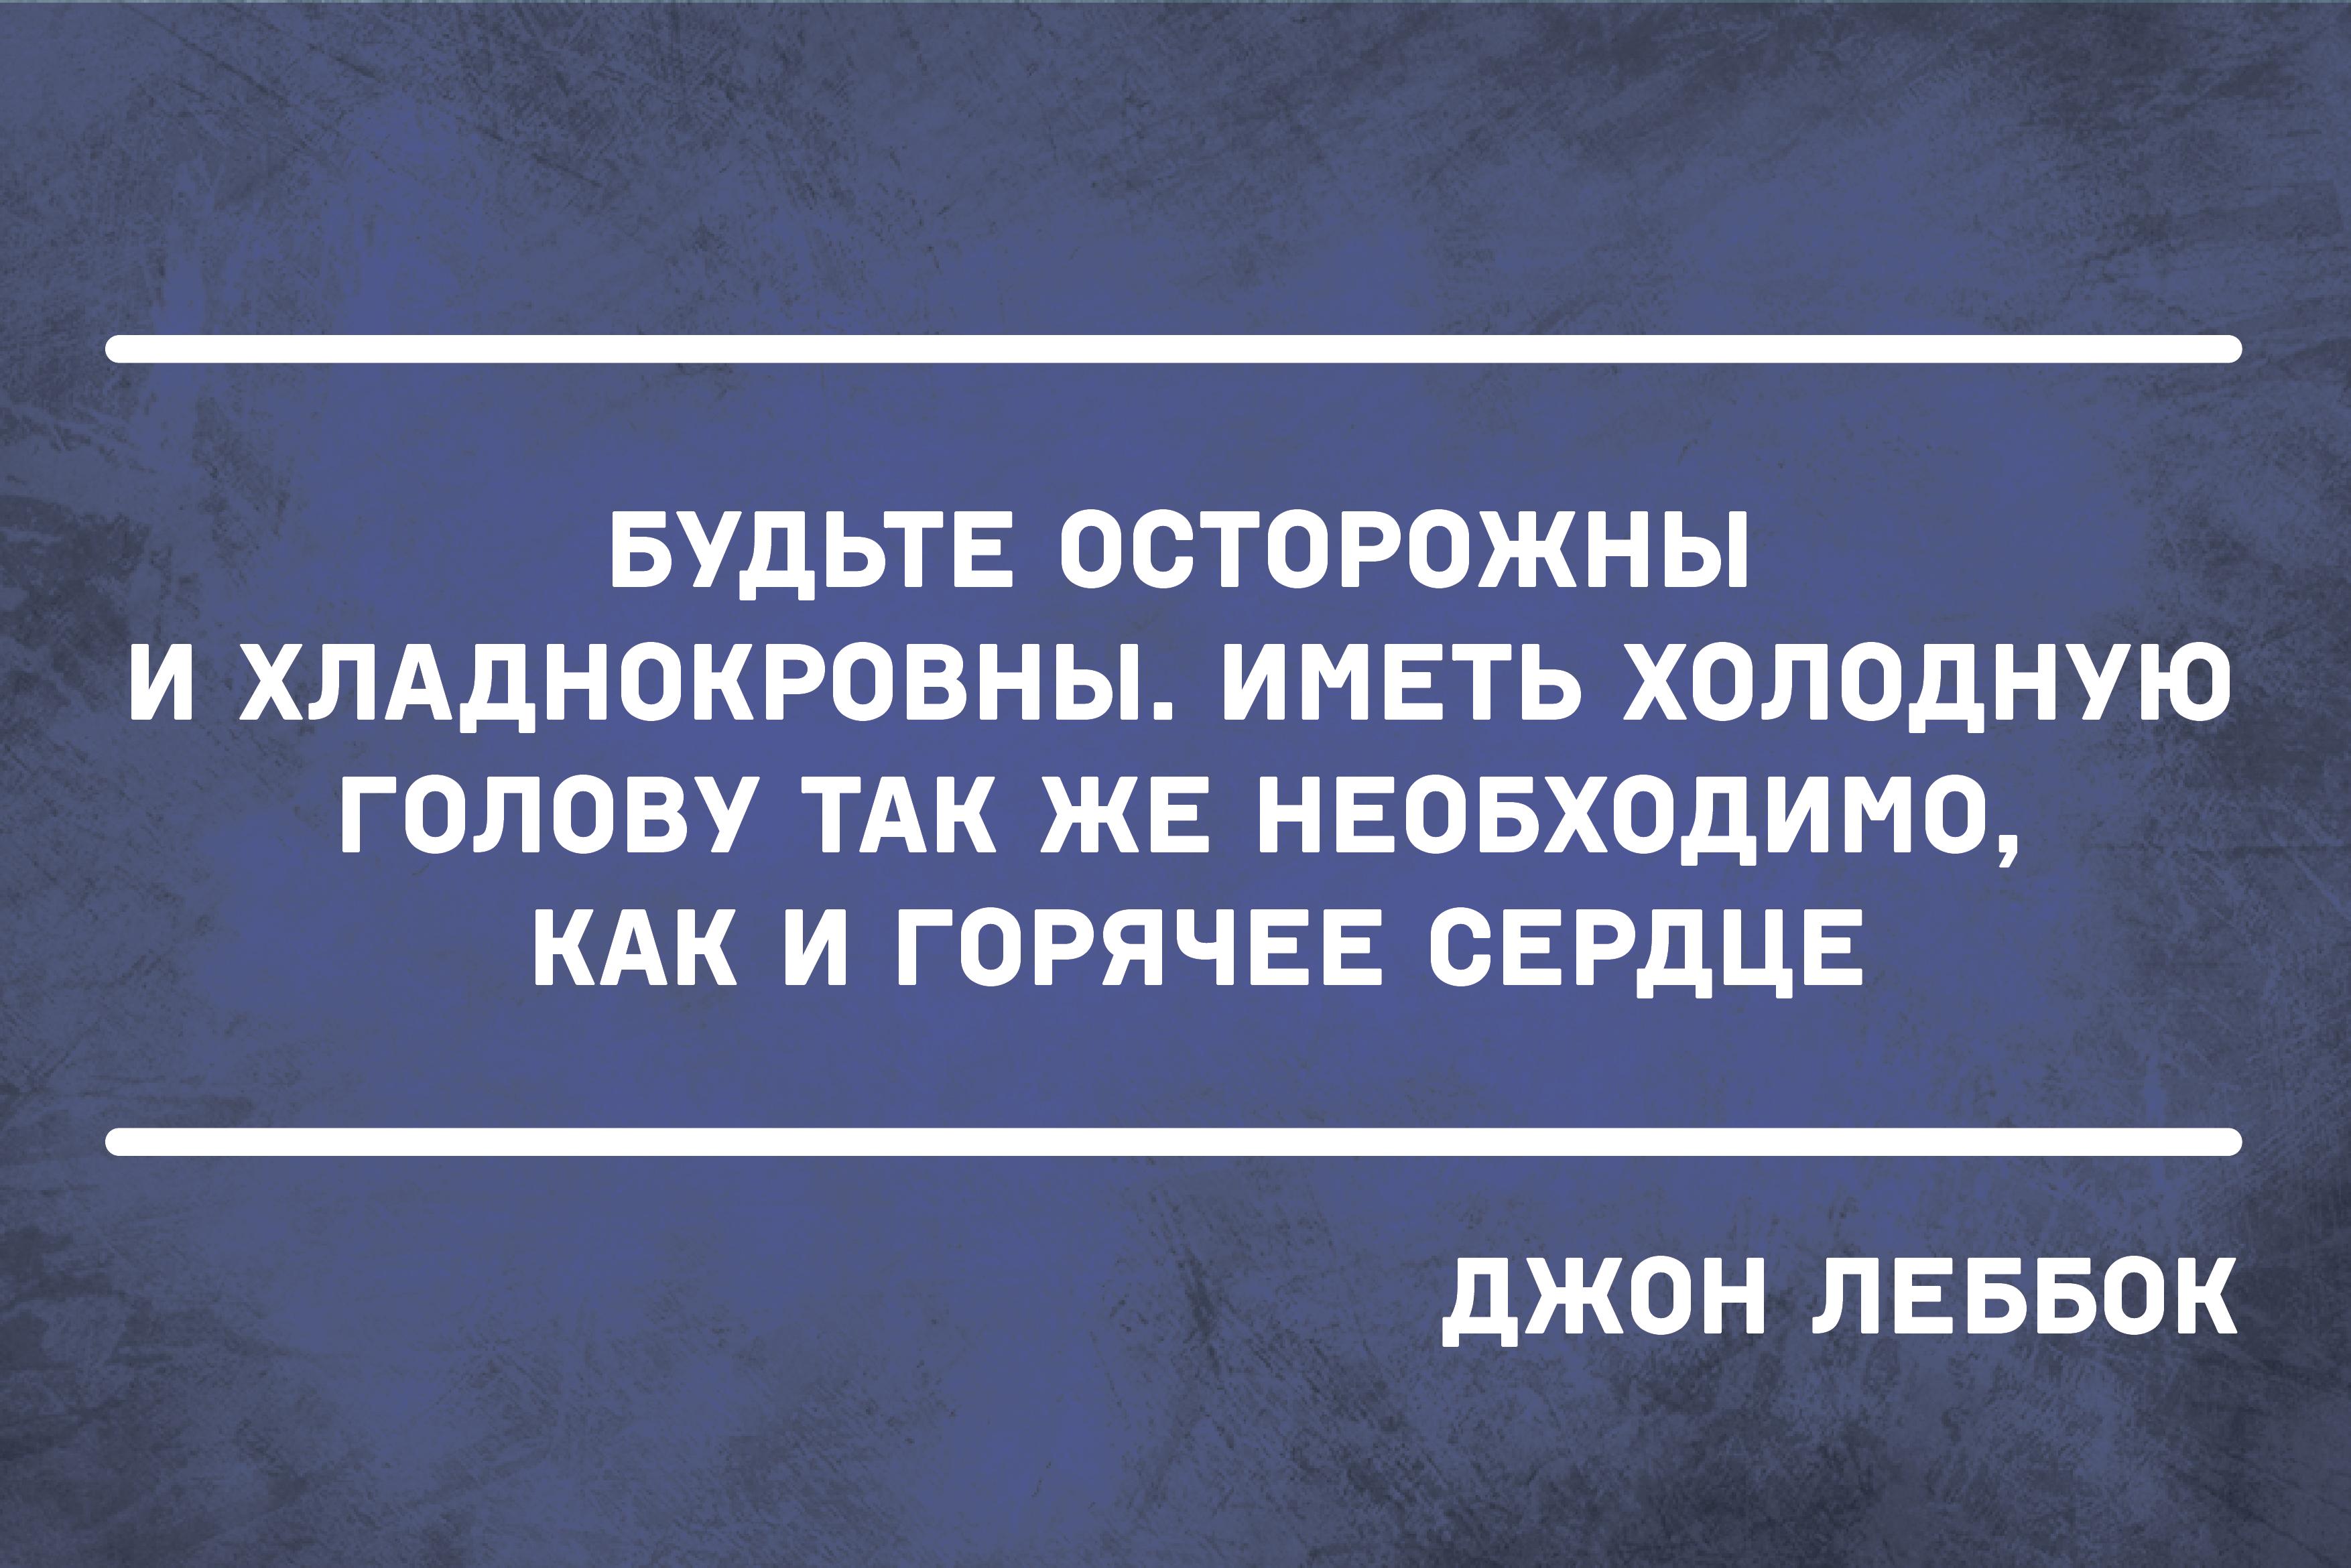 ЛВВ_Афоризмы_Соцсети_Тюмень-01.jpg